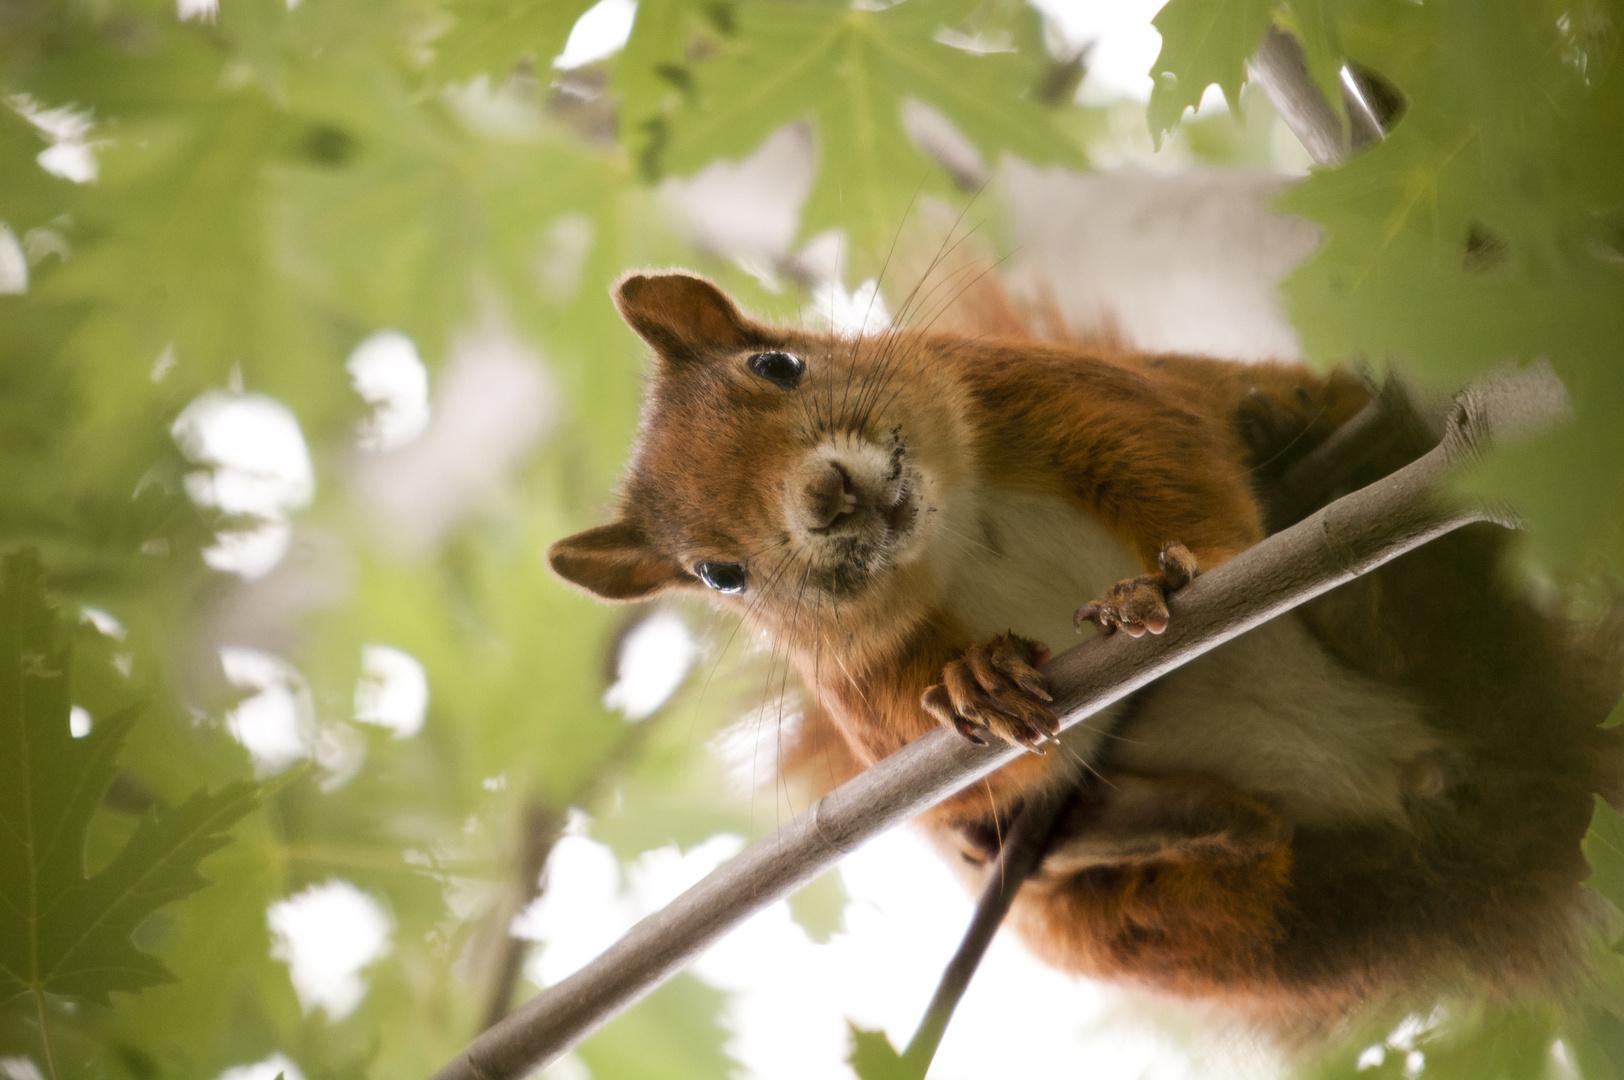 Eichhörnchen ... in Farbe